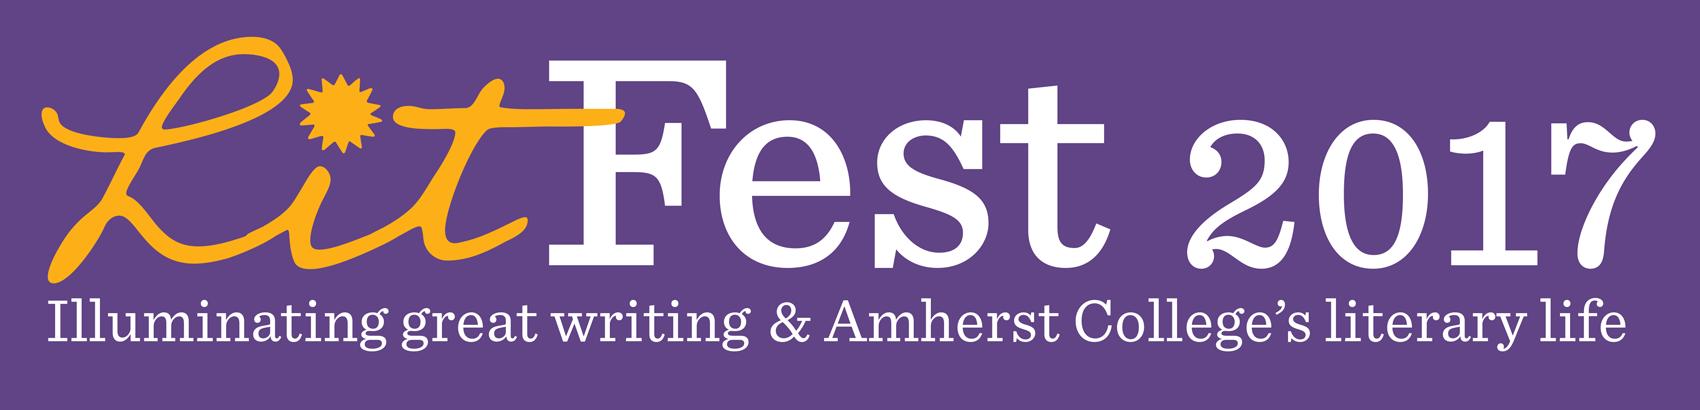 LitFest 2017